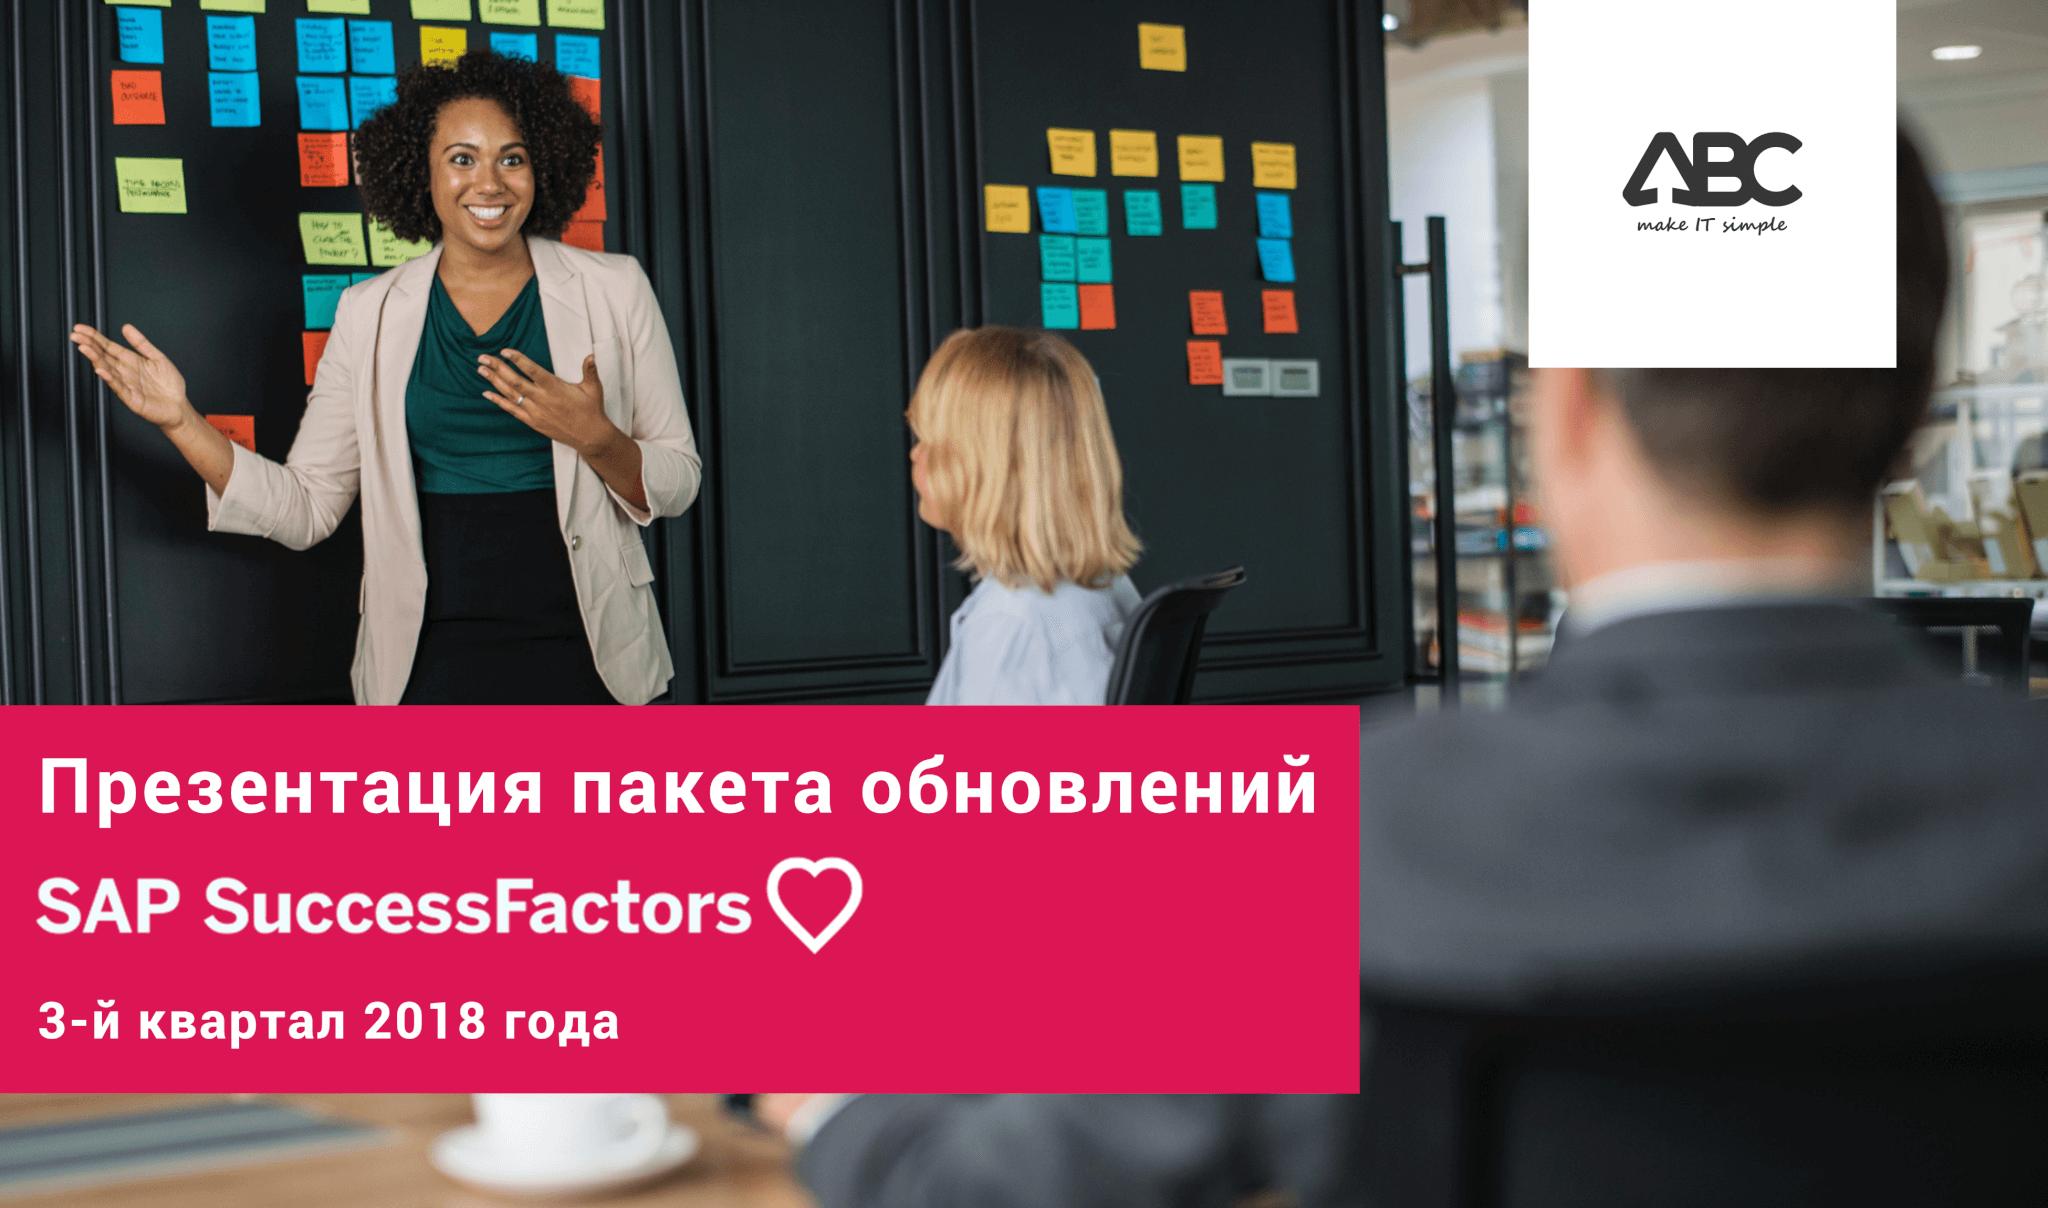 Обновление SuccessFactors Q3 2018